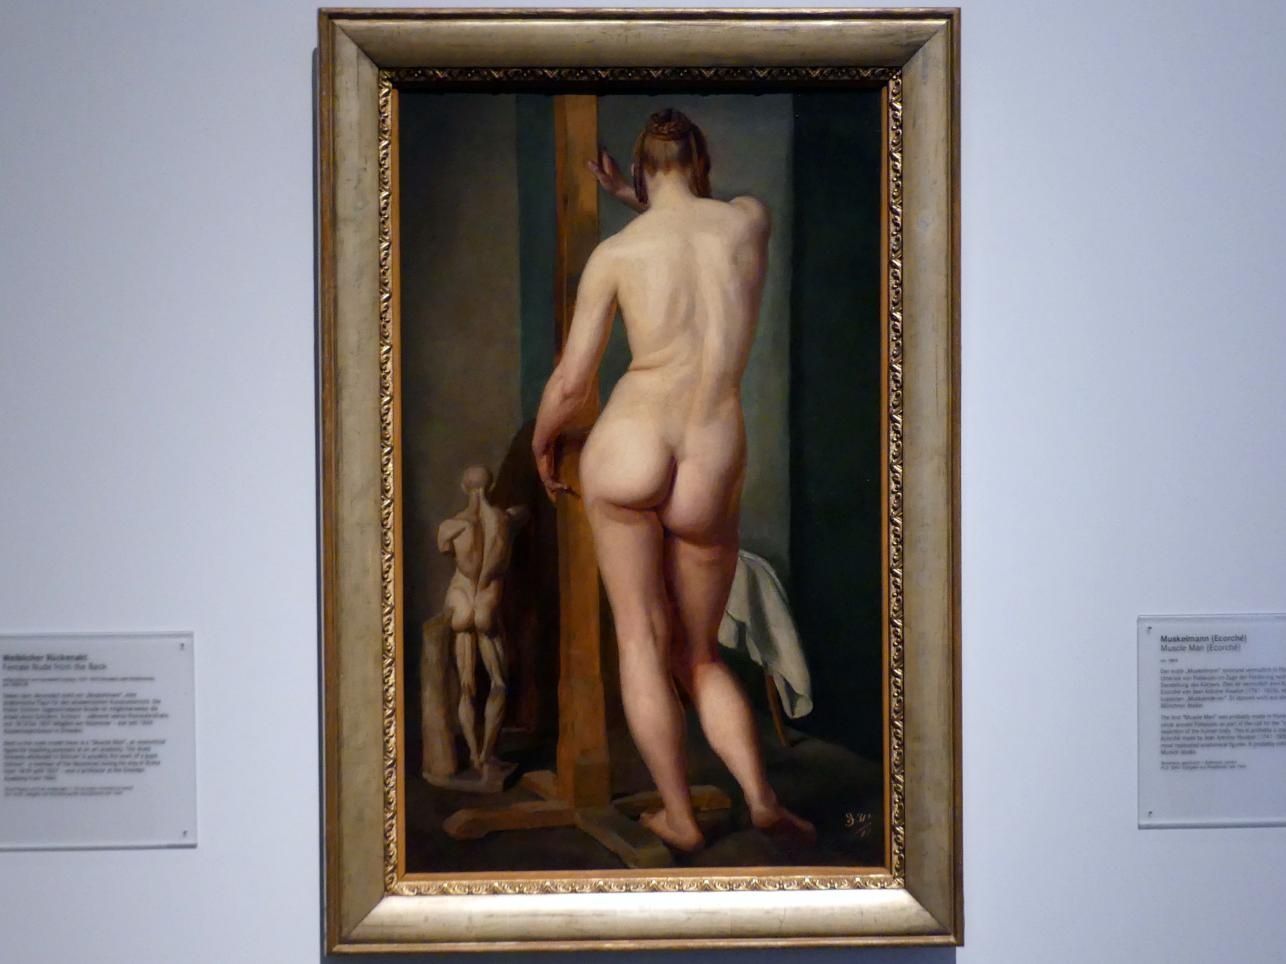 Julius Schnorr von Carolsfeld: Weiblicher Rückenekt, um 1840 - 1850